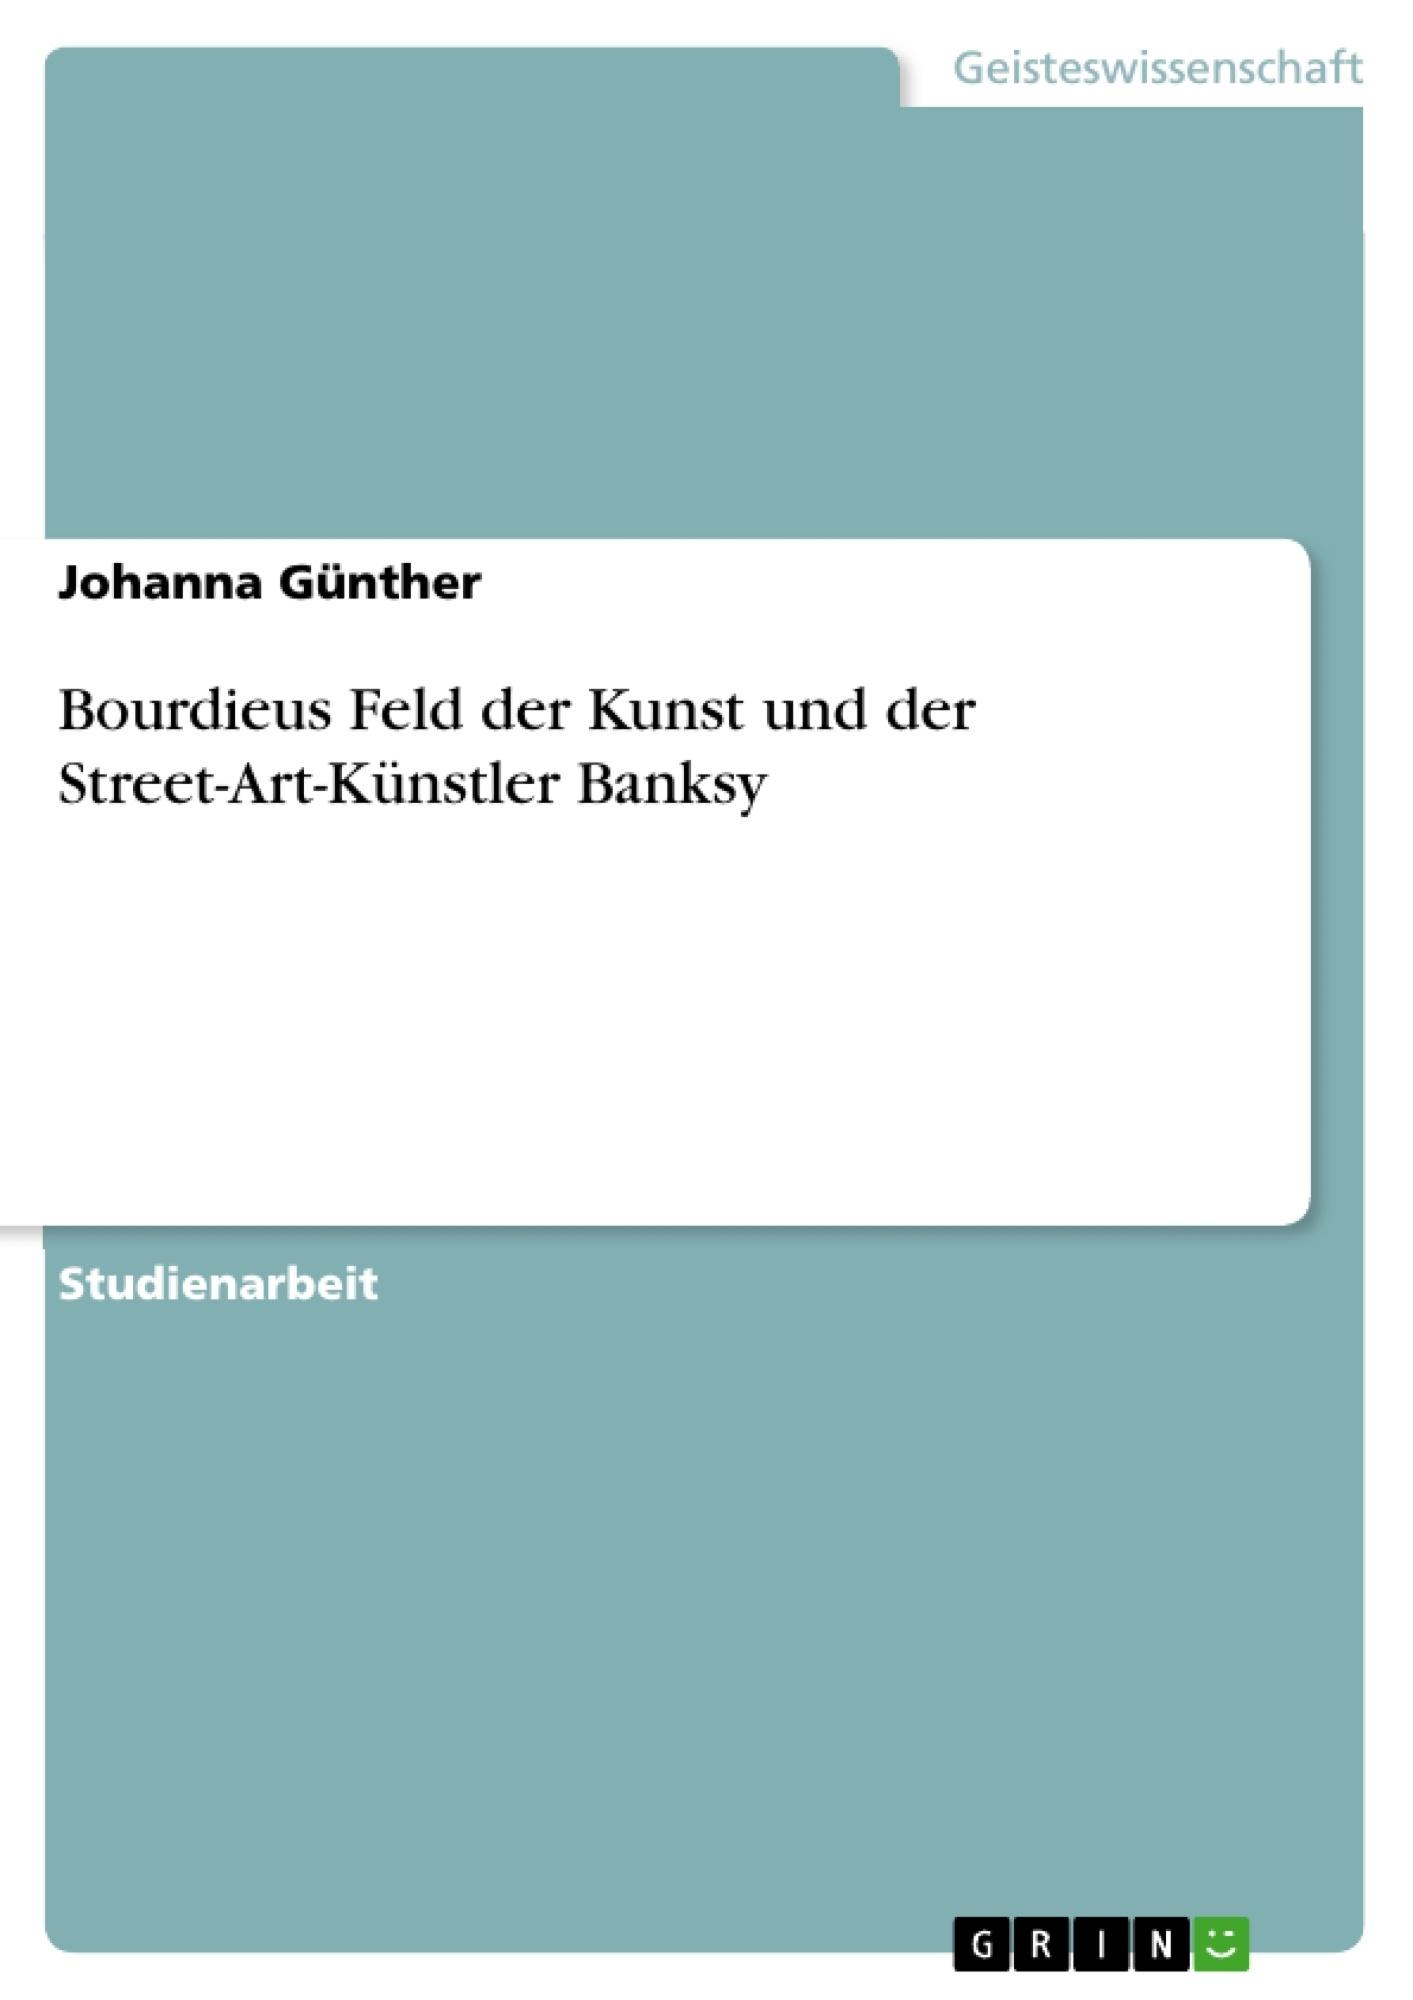 Titel: Bourdieus Feld der Kunst und der Street-Art-Künstler Banksy